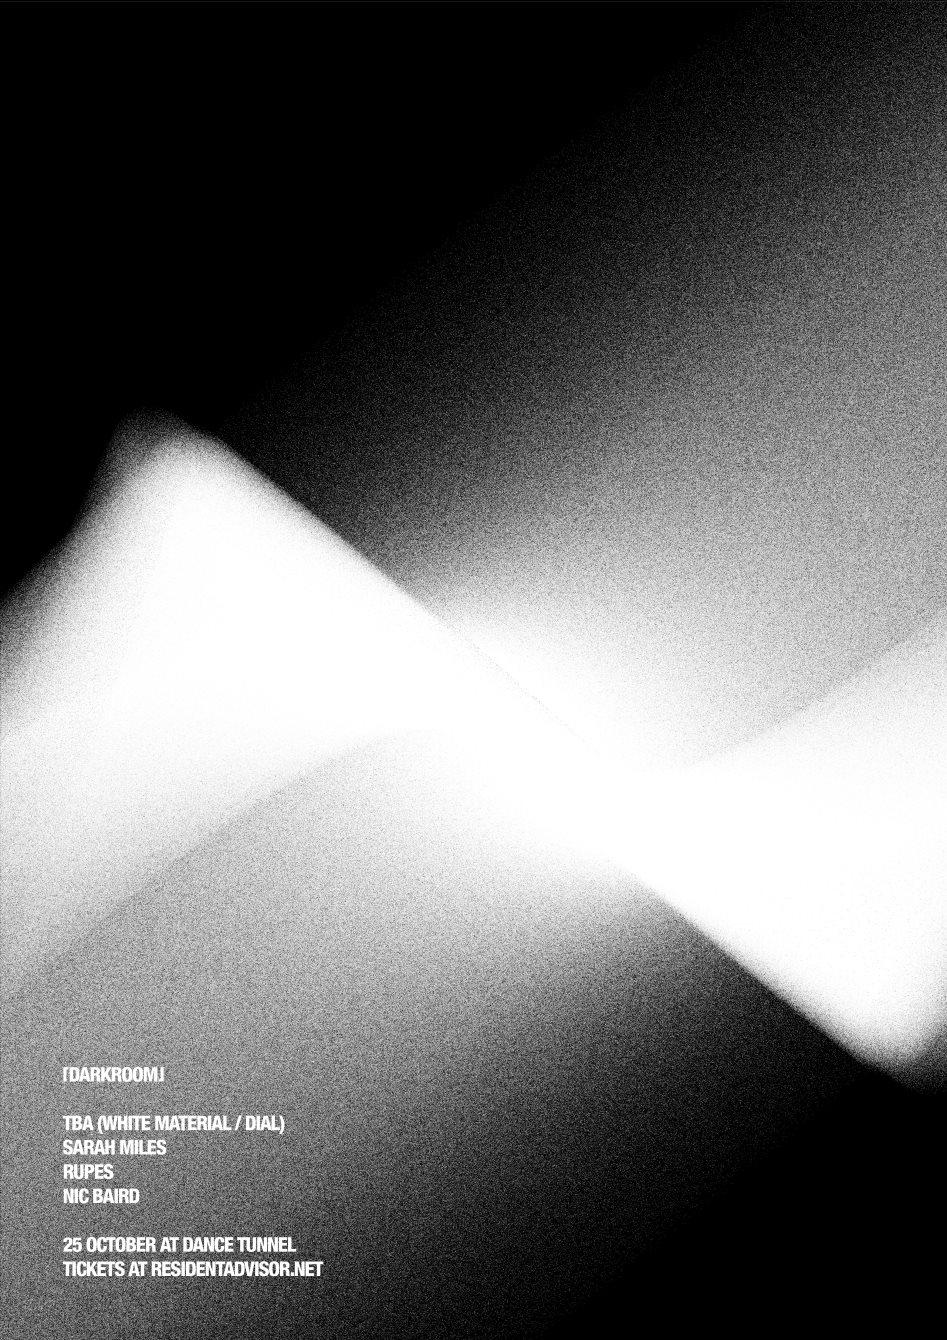 Darkroom with DJ Richard & Sarah Miles - Flyer front